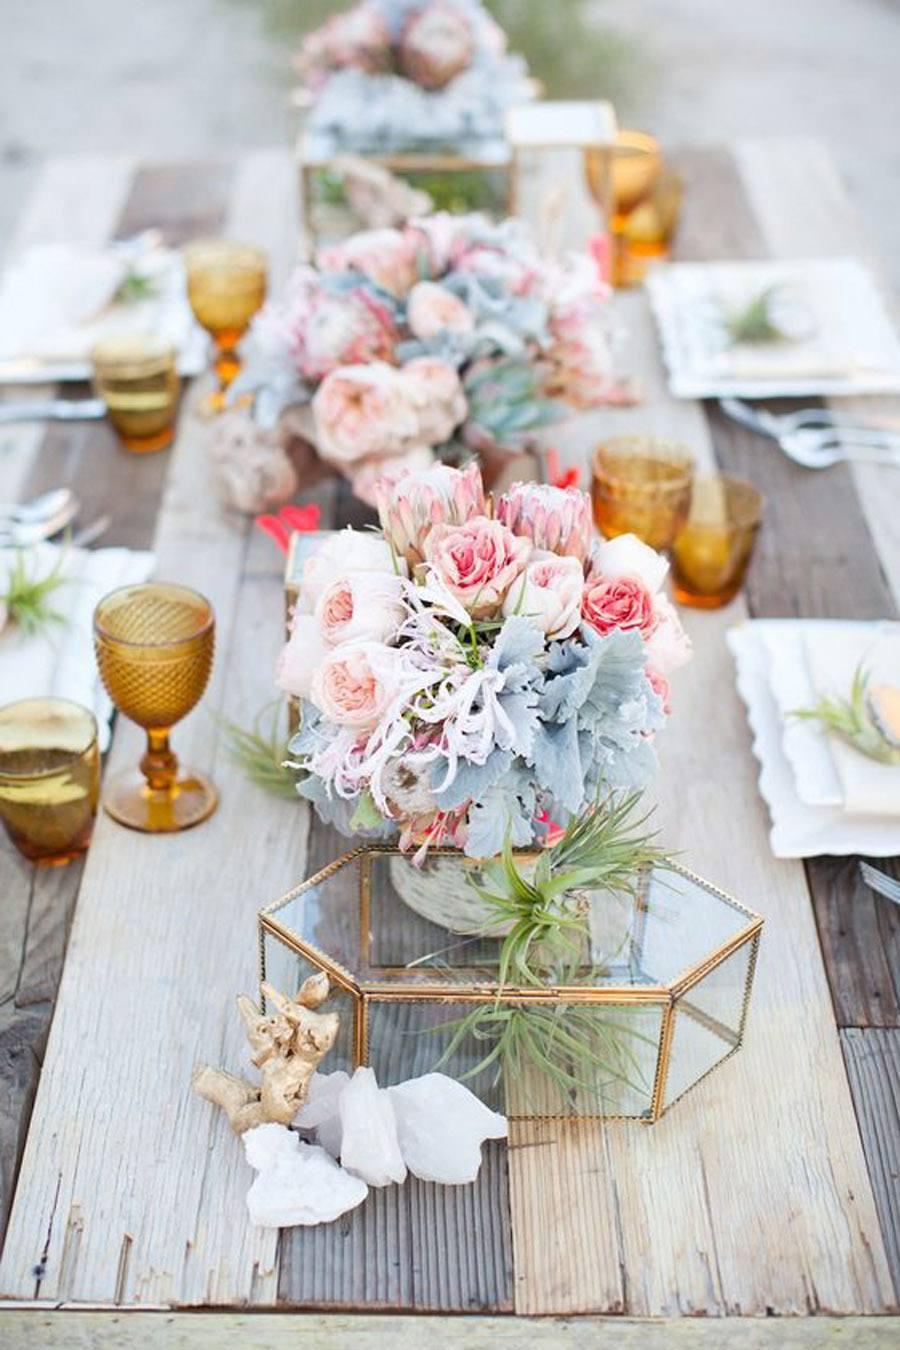 TENDENCIA: VASOS DE COLORES boda-vasos-colores